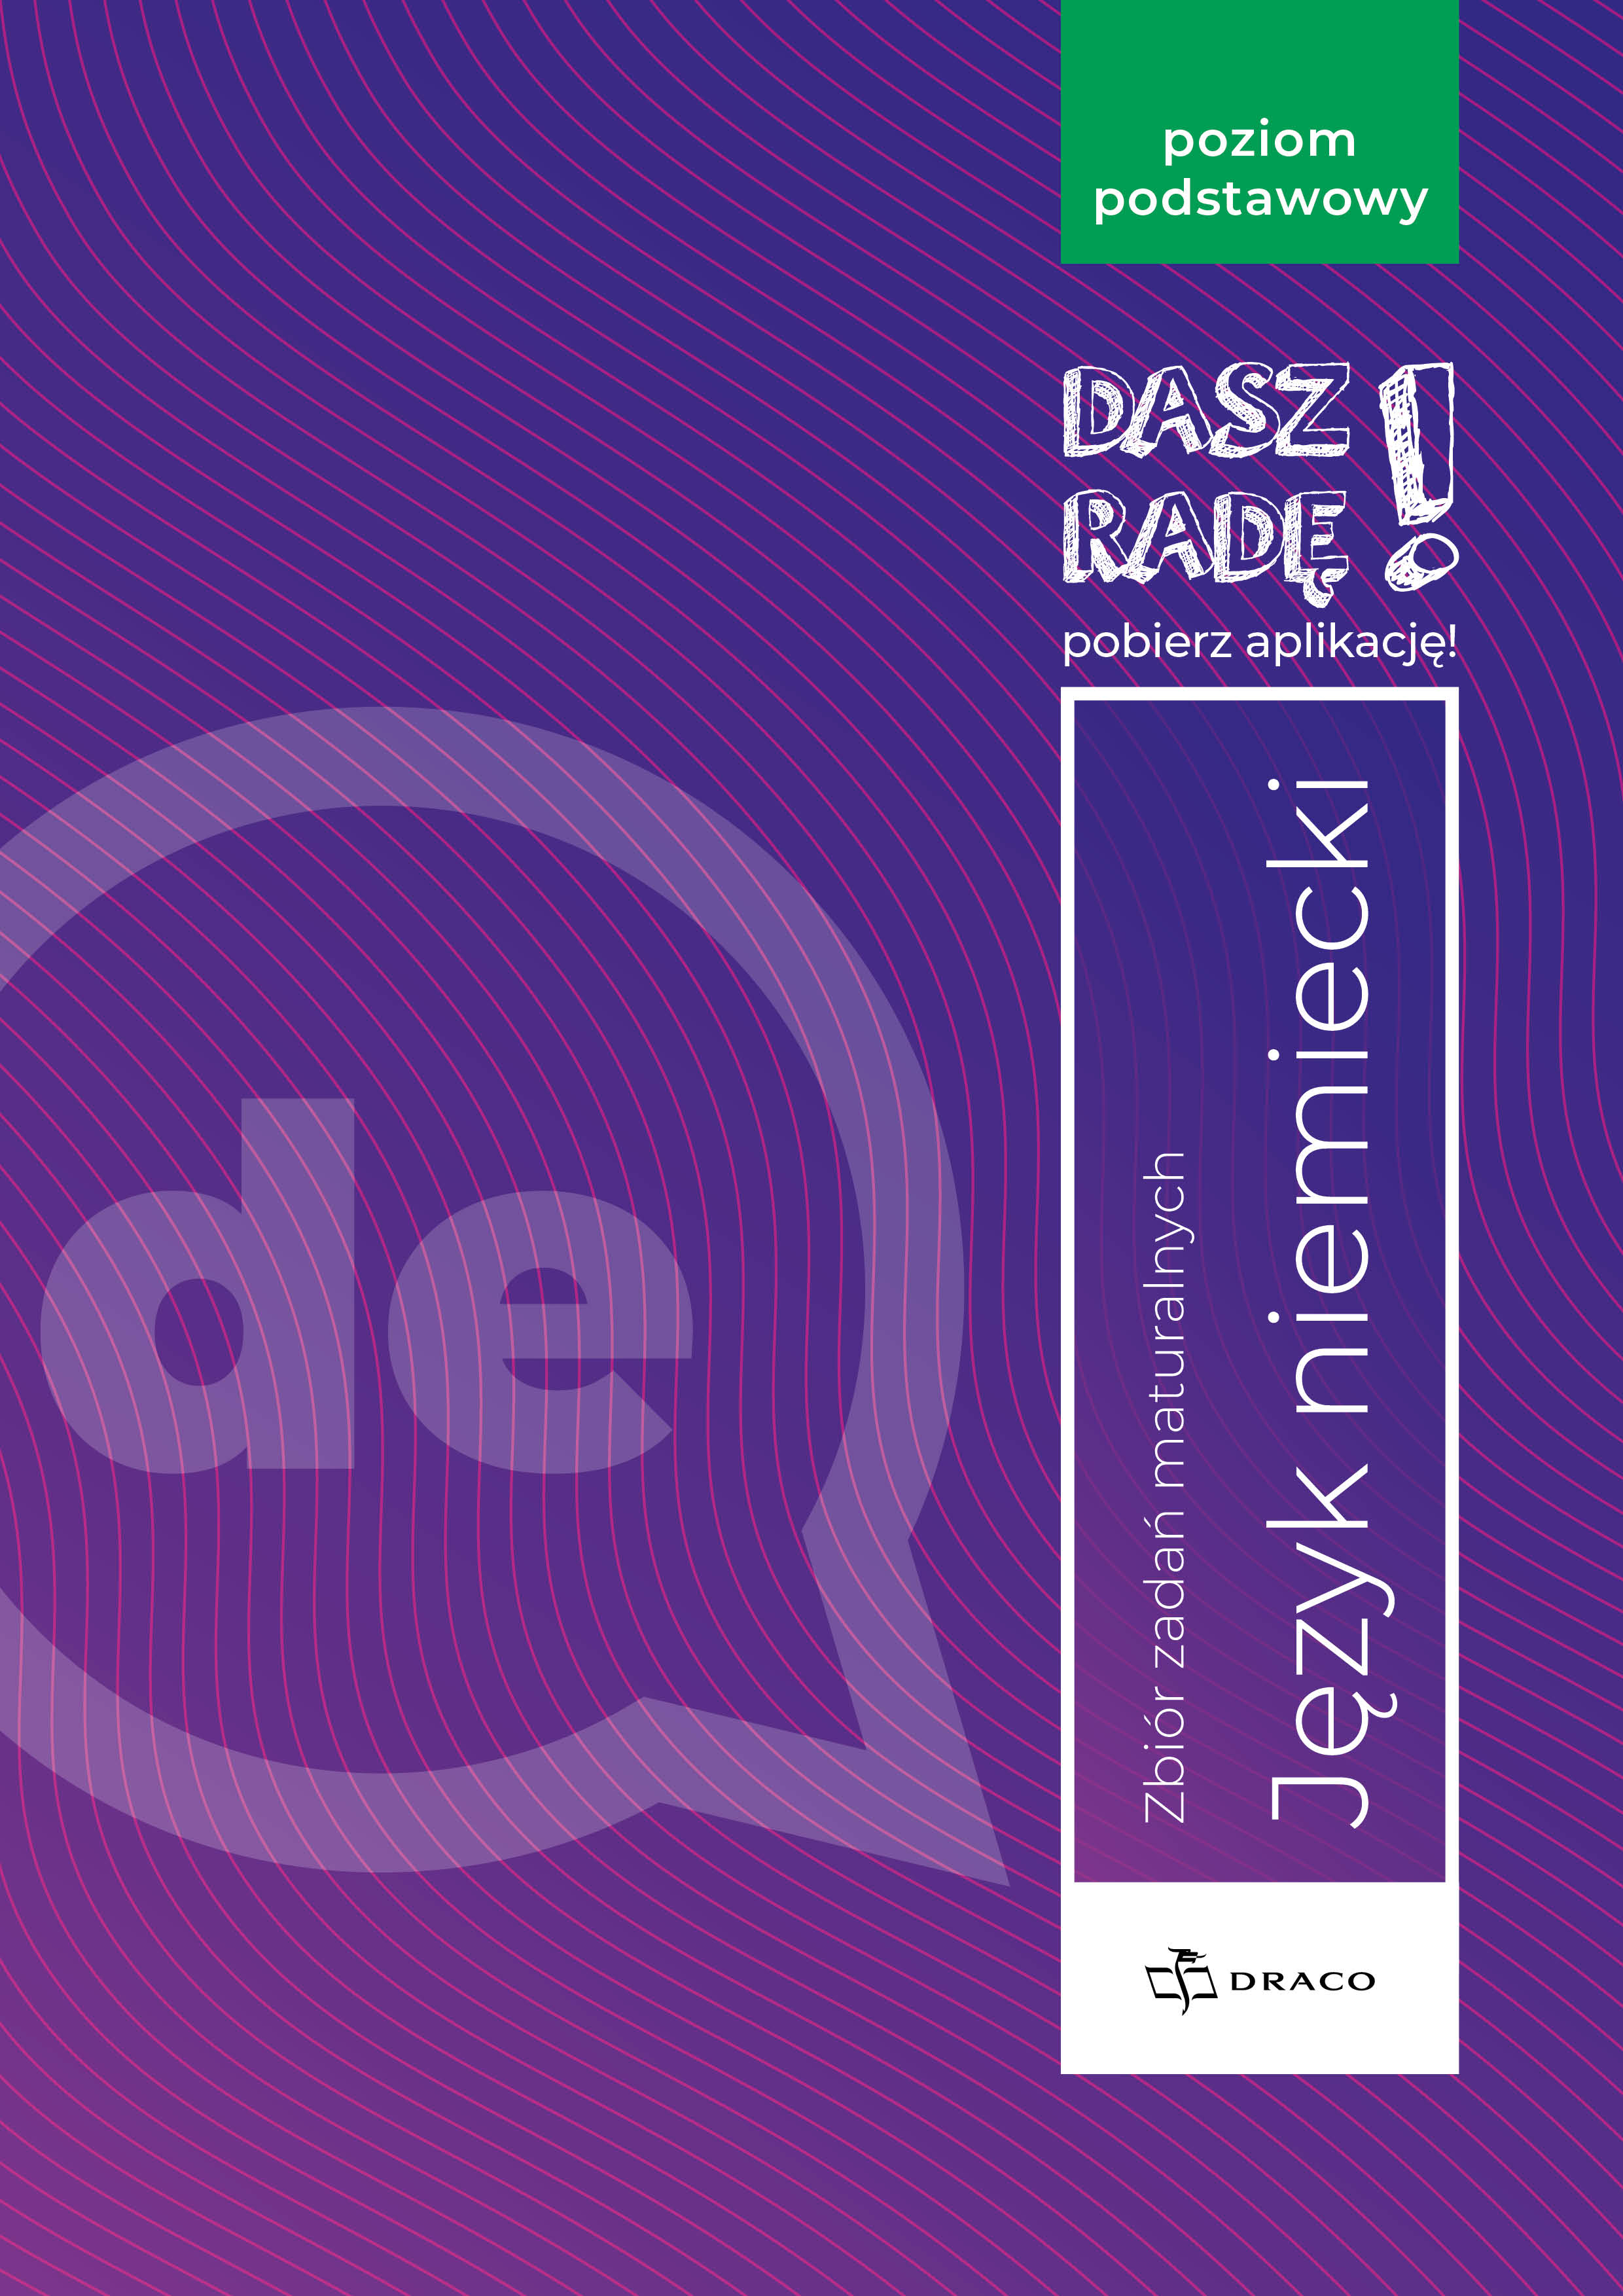 Dasz radę! Język niemiecki. Zbiór zadań maturalnych. Poziom podstawowy